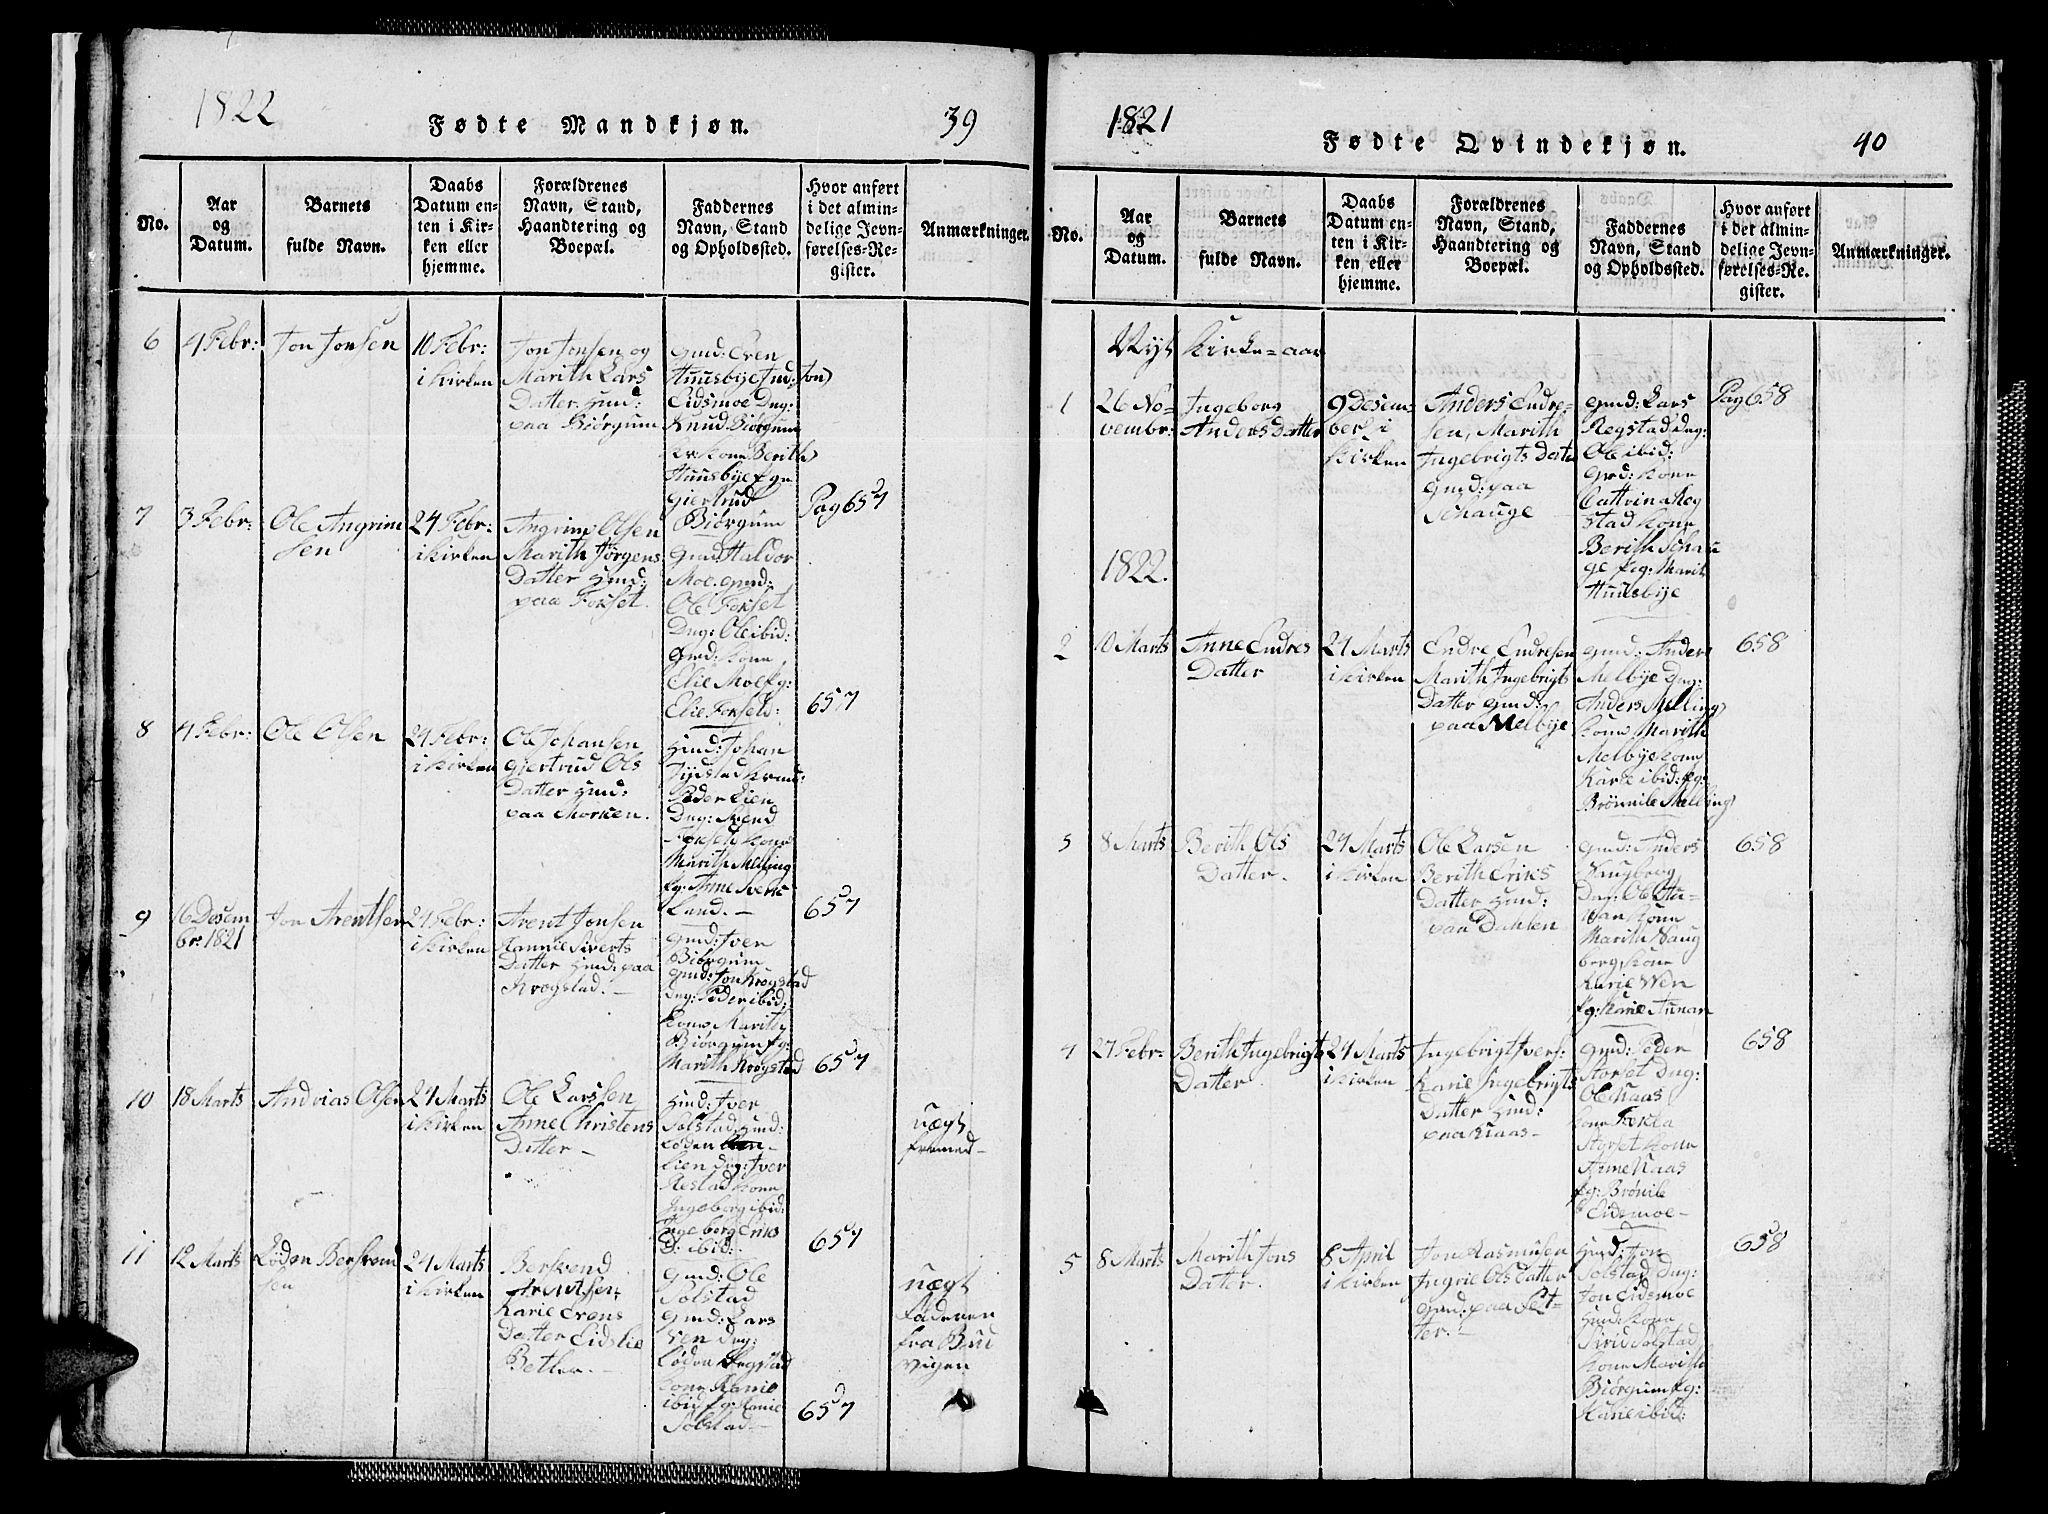 SAT, Ministerialprotokoller, klokkerbøker og fødselsregistre - Sør-Trøndelag, 667/L0796: Klokkerbok nr. 667C01, 1817-1836, s. 39-40